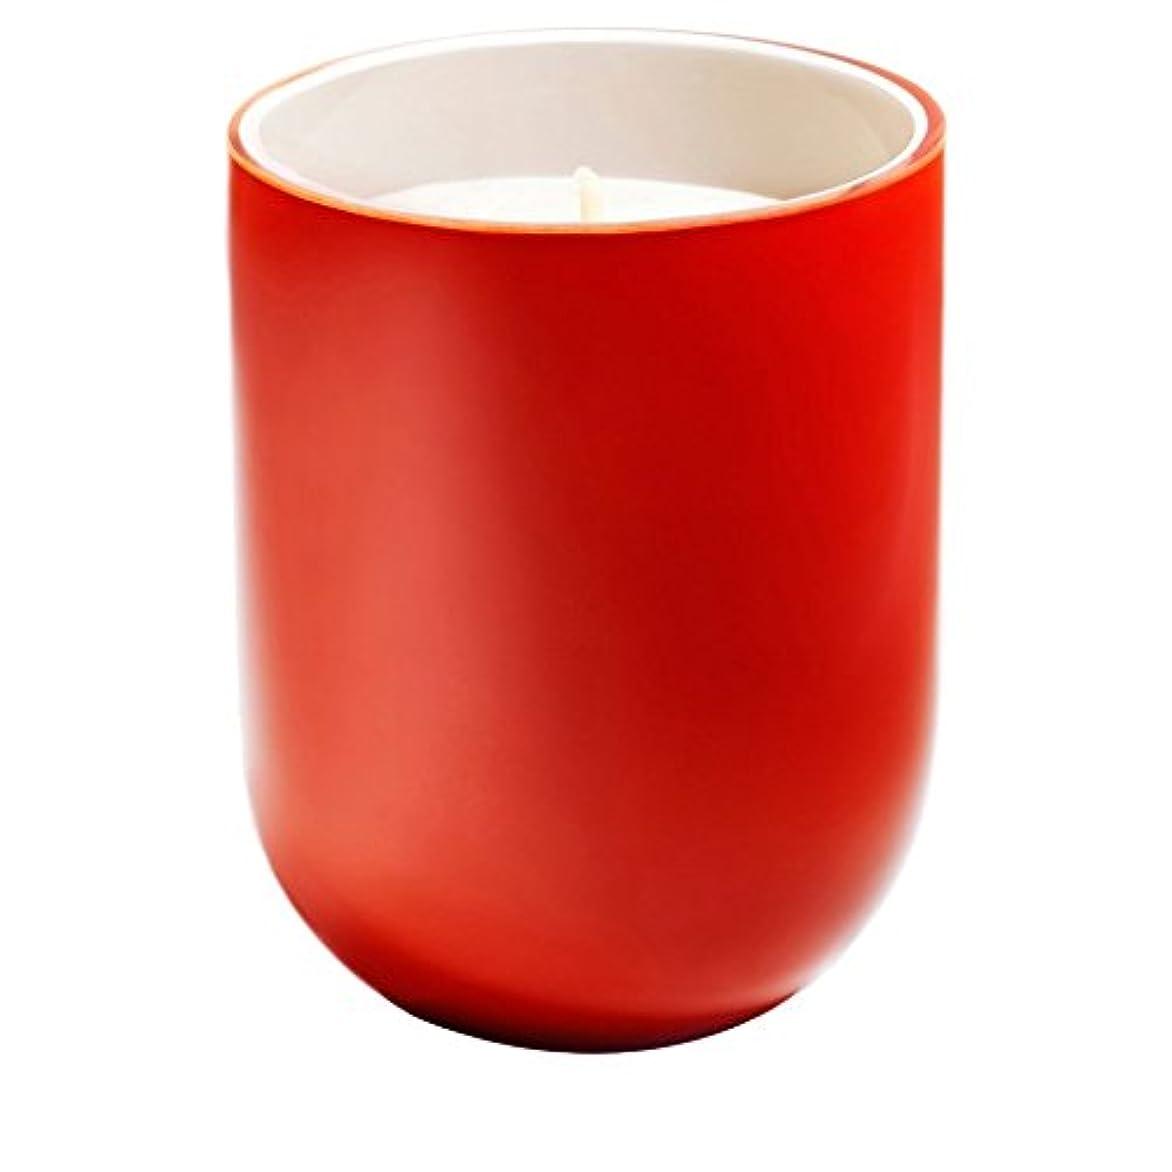 発見エネルギー四Frederic Malle 1er Mai Scented Candle (Pack of 4) - フレデリック?マルプルミエ舞香りのキャンドル x4 [並行輸入品]